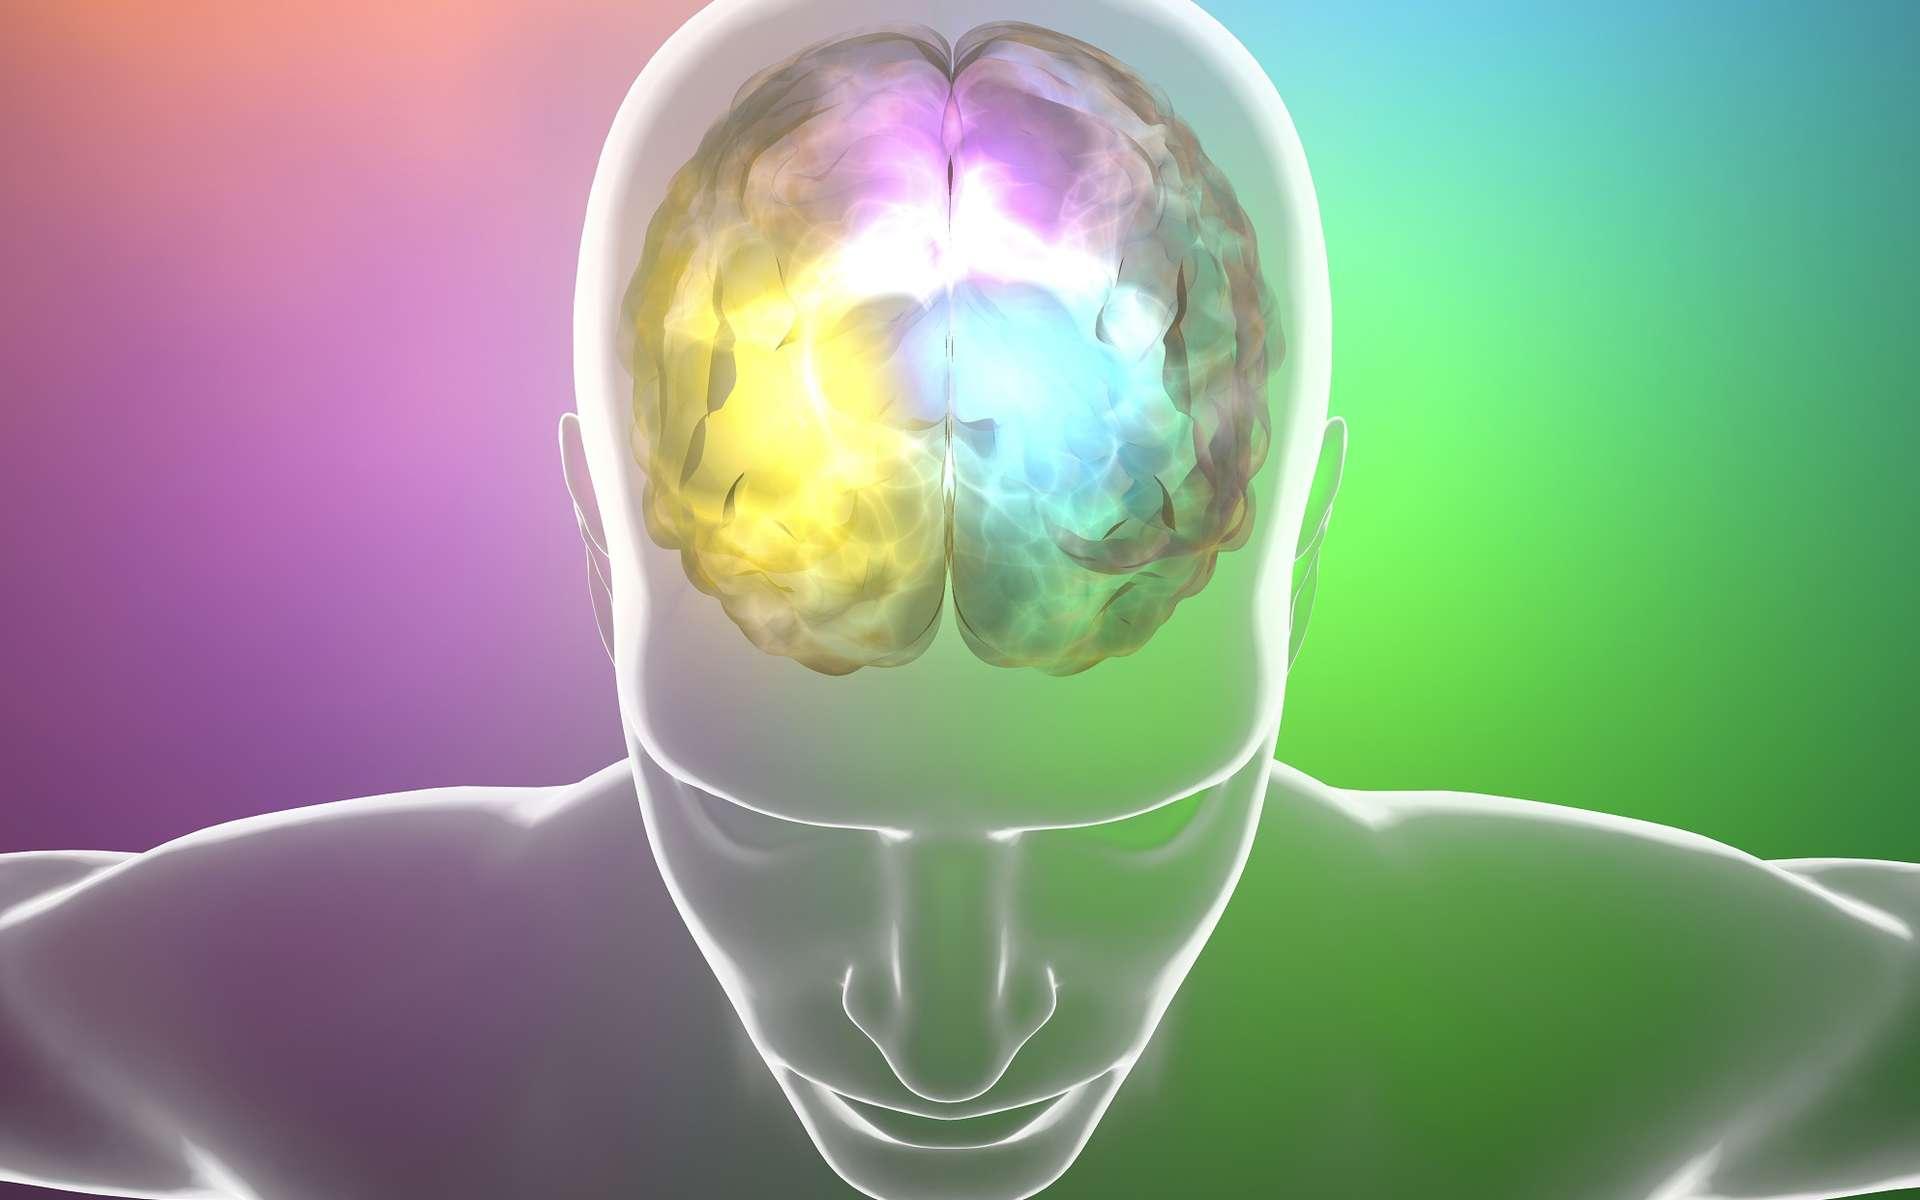 Un patient condamné a vu son état s'améliorer grâce à l'injection de cellules immunitaires modifiées dans son cerveau. © Naeblys, Shutterstock